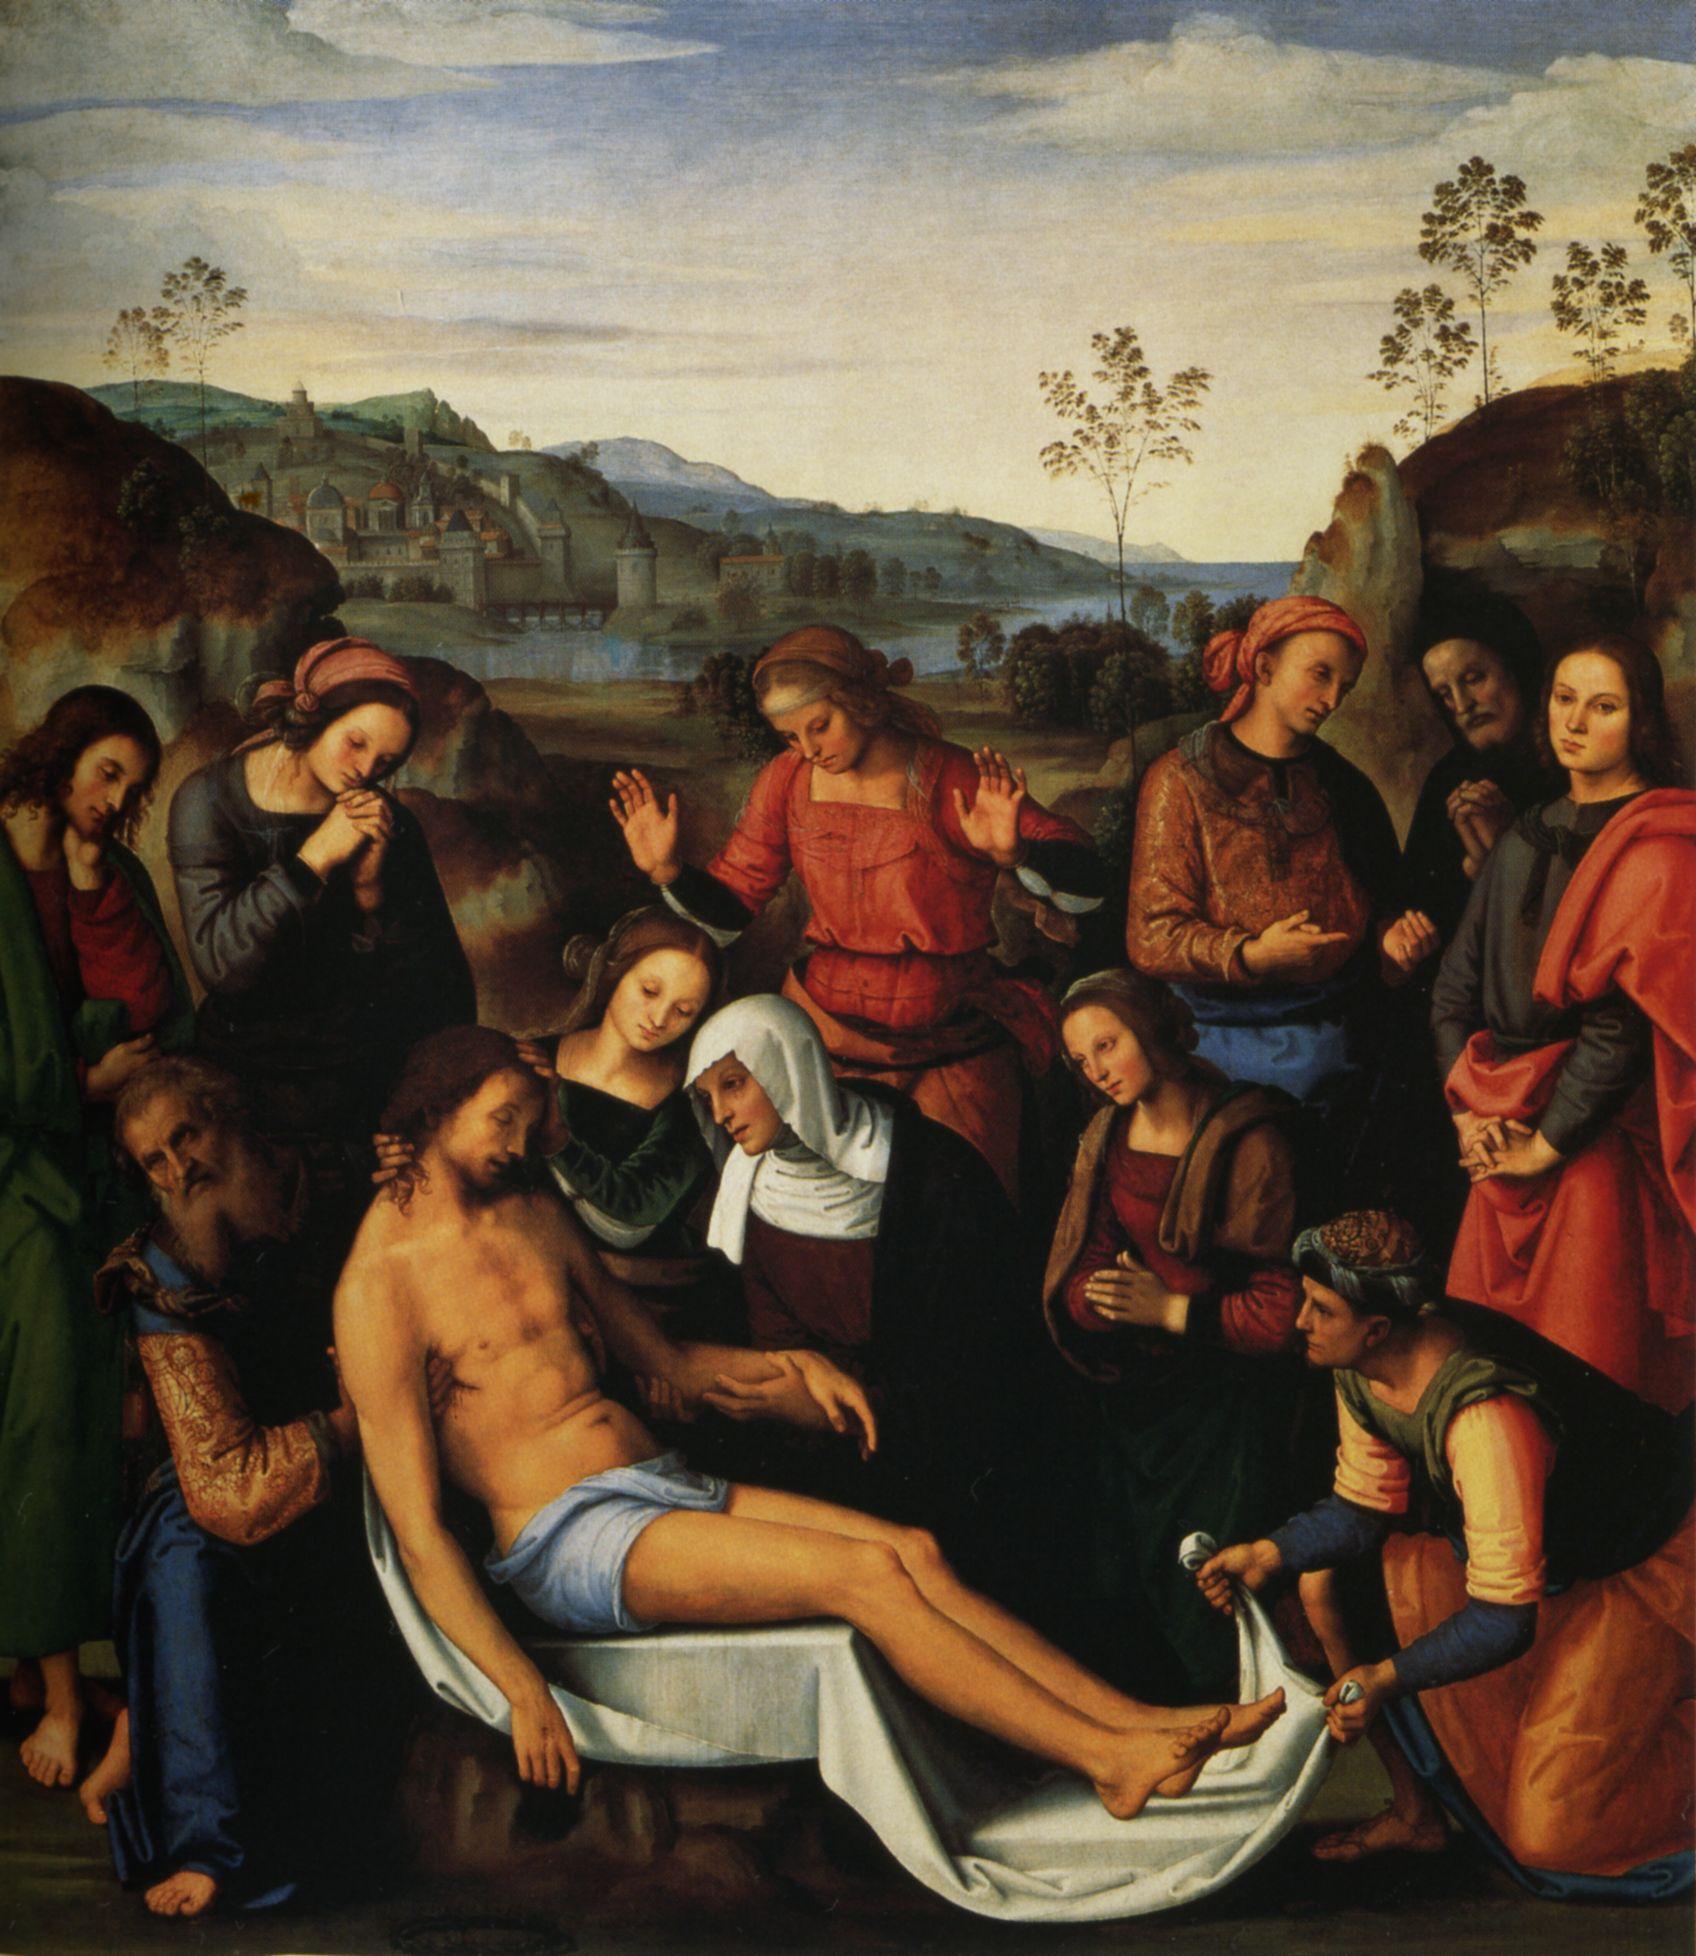 Perugino, Pietà (1495; olio su tavola, 220 x 195 cm; Firenze, Galleria Palatina di Palazzo Pitti)